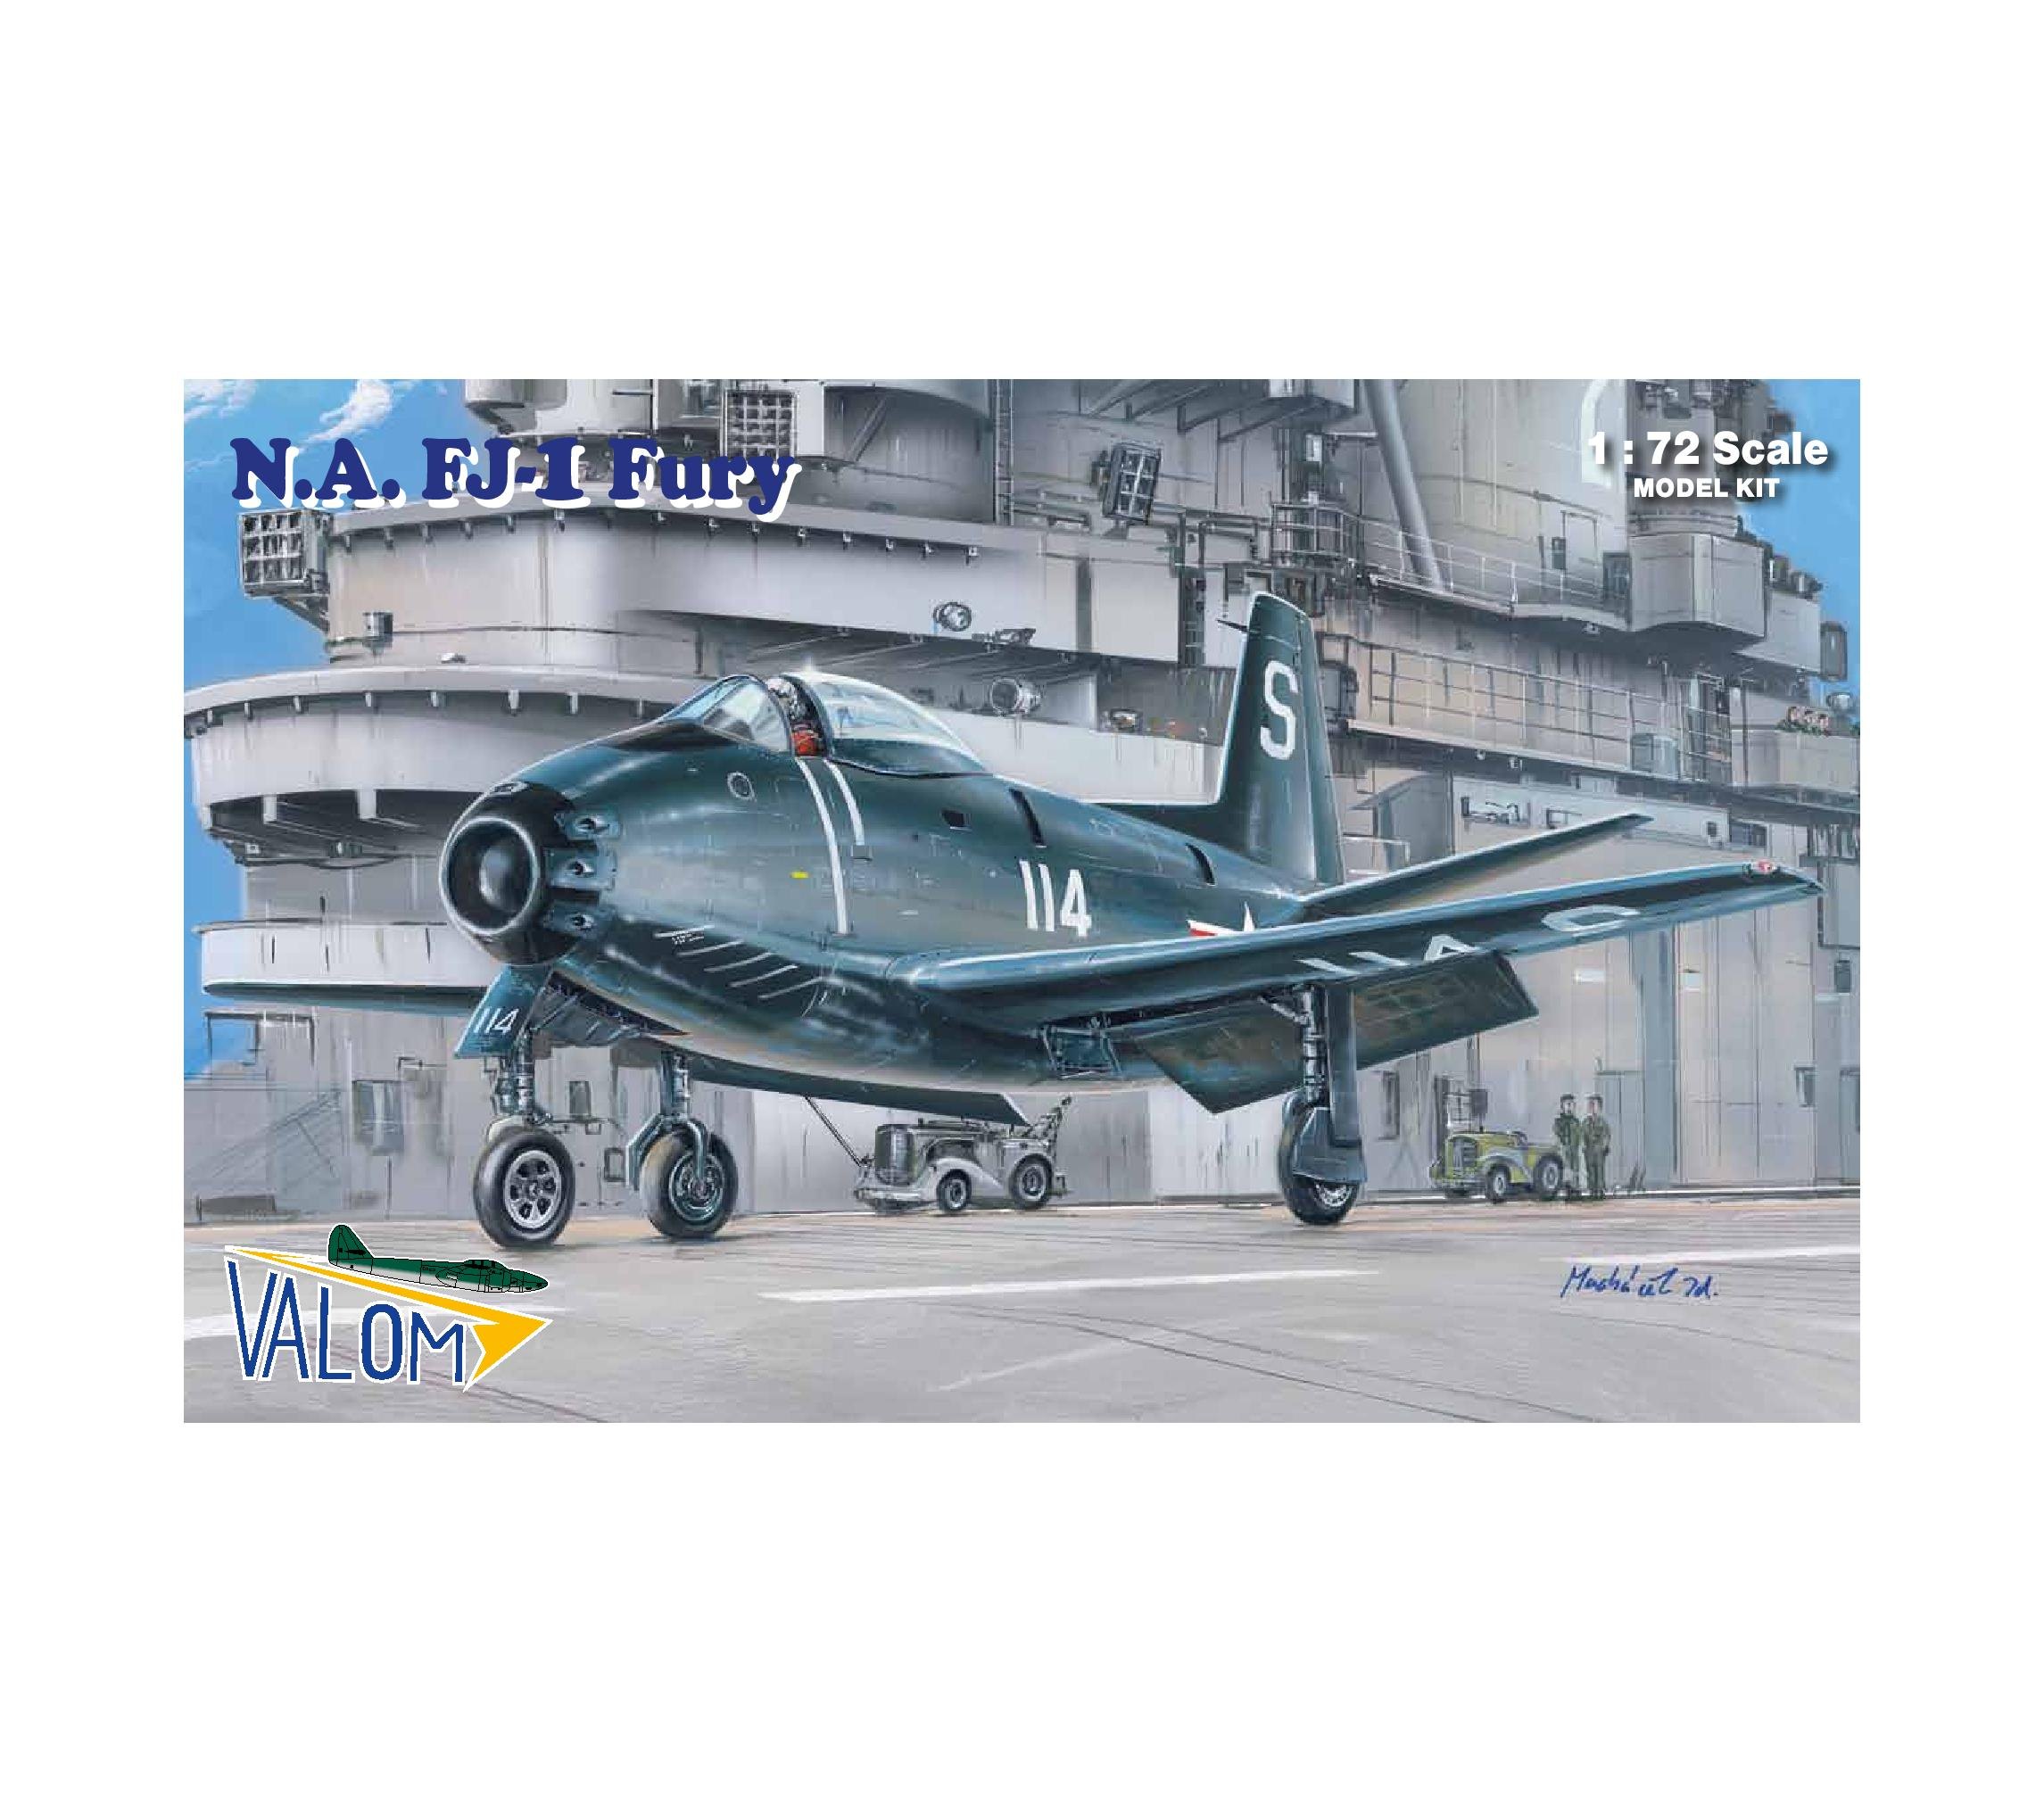 Valom N.A. FJ-1 Fury